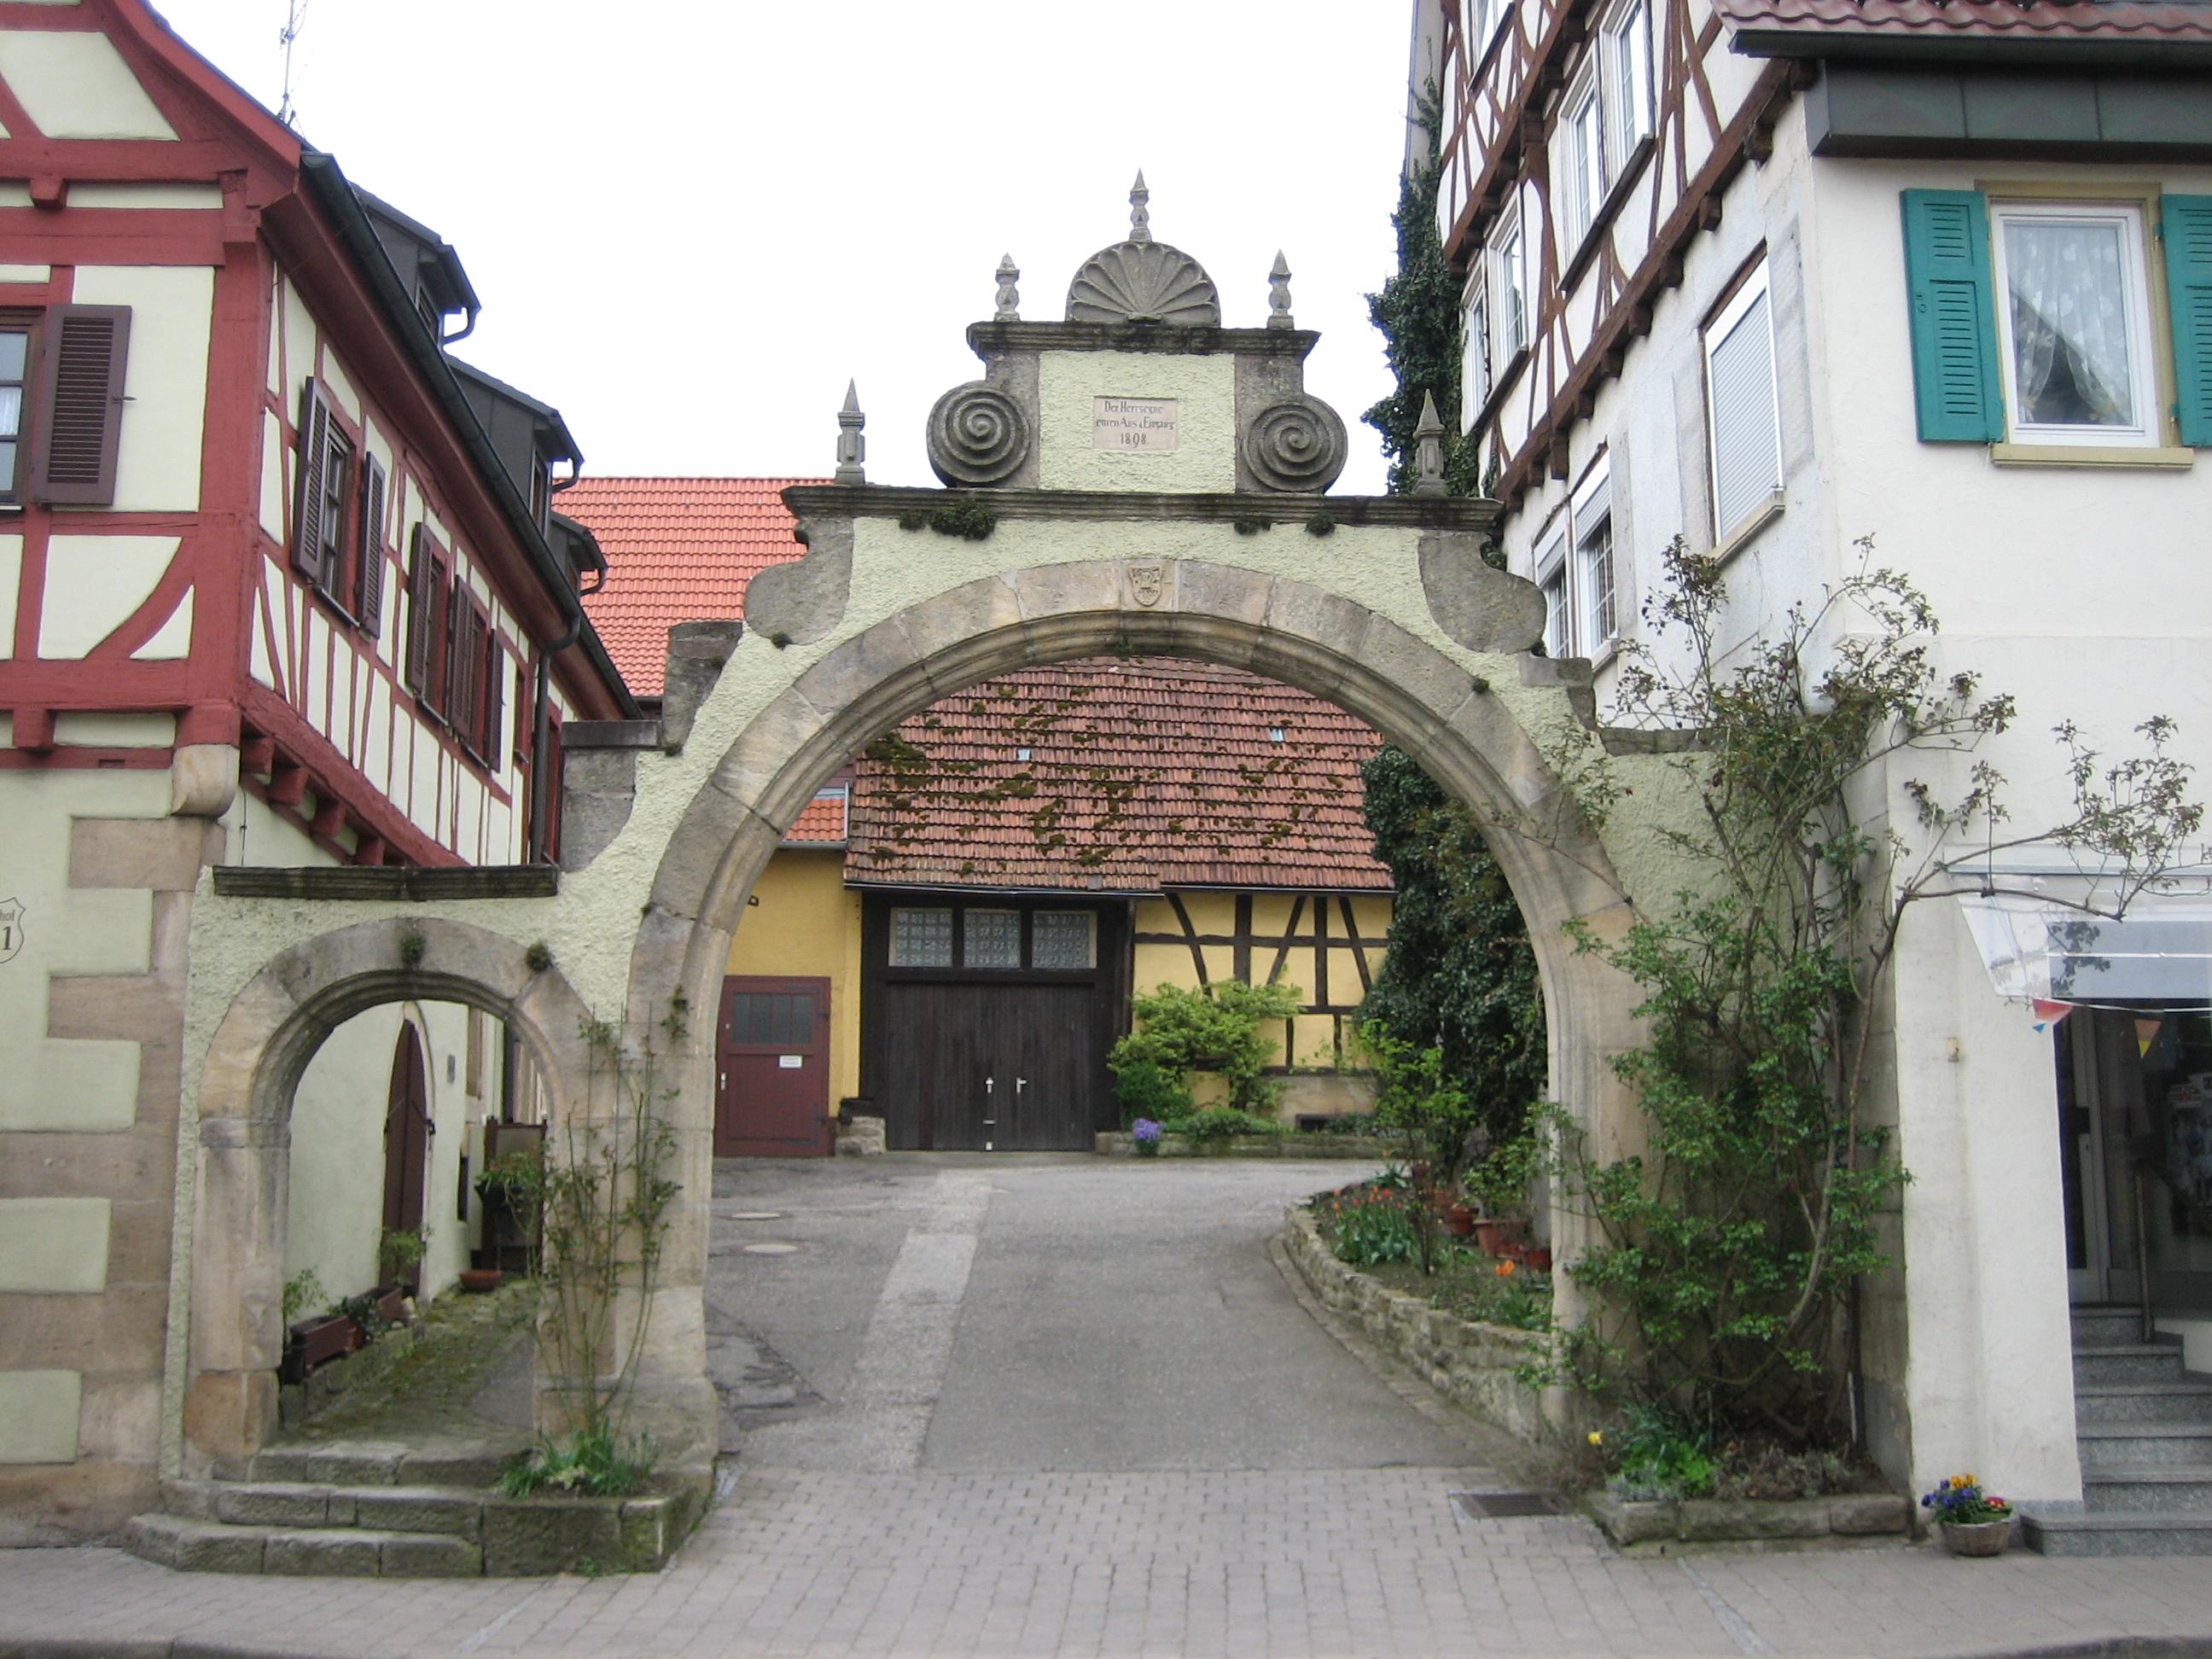 File:Walddorfhäslach Schlosshof Torbogen.jpg - Wikimedia Commons